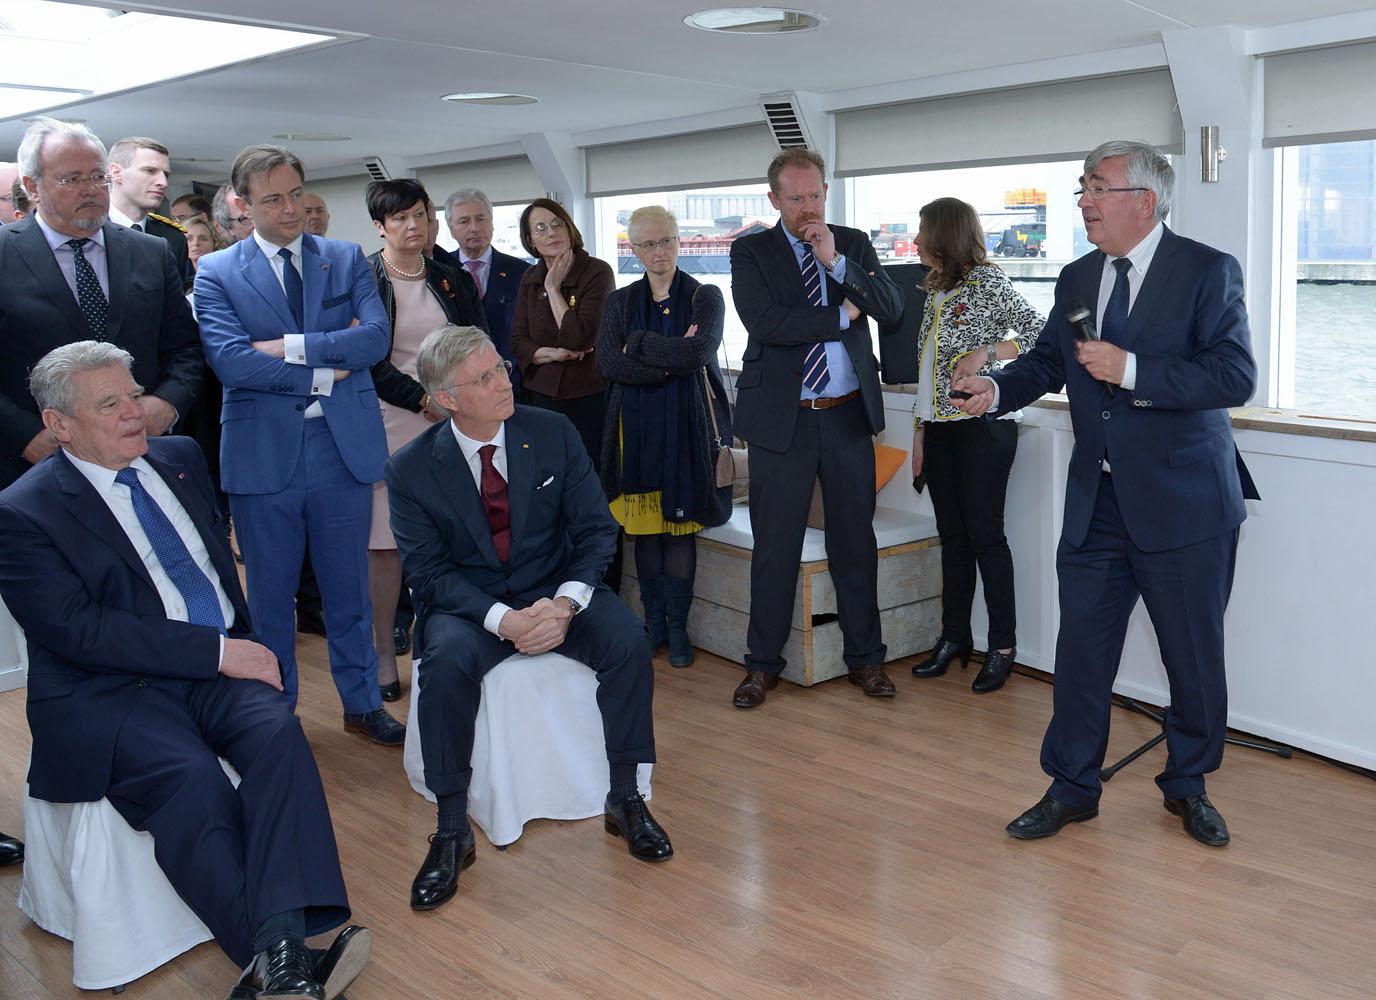 Eddy Bruyninckx, CEO der Antwerp Port Authority informiert Bundespräsident Joachim Gauck (links) und König Philippe über die Entwicklungen am Hafenstandort.